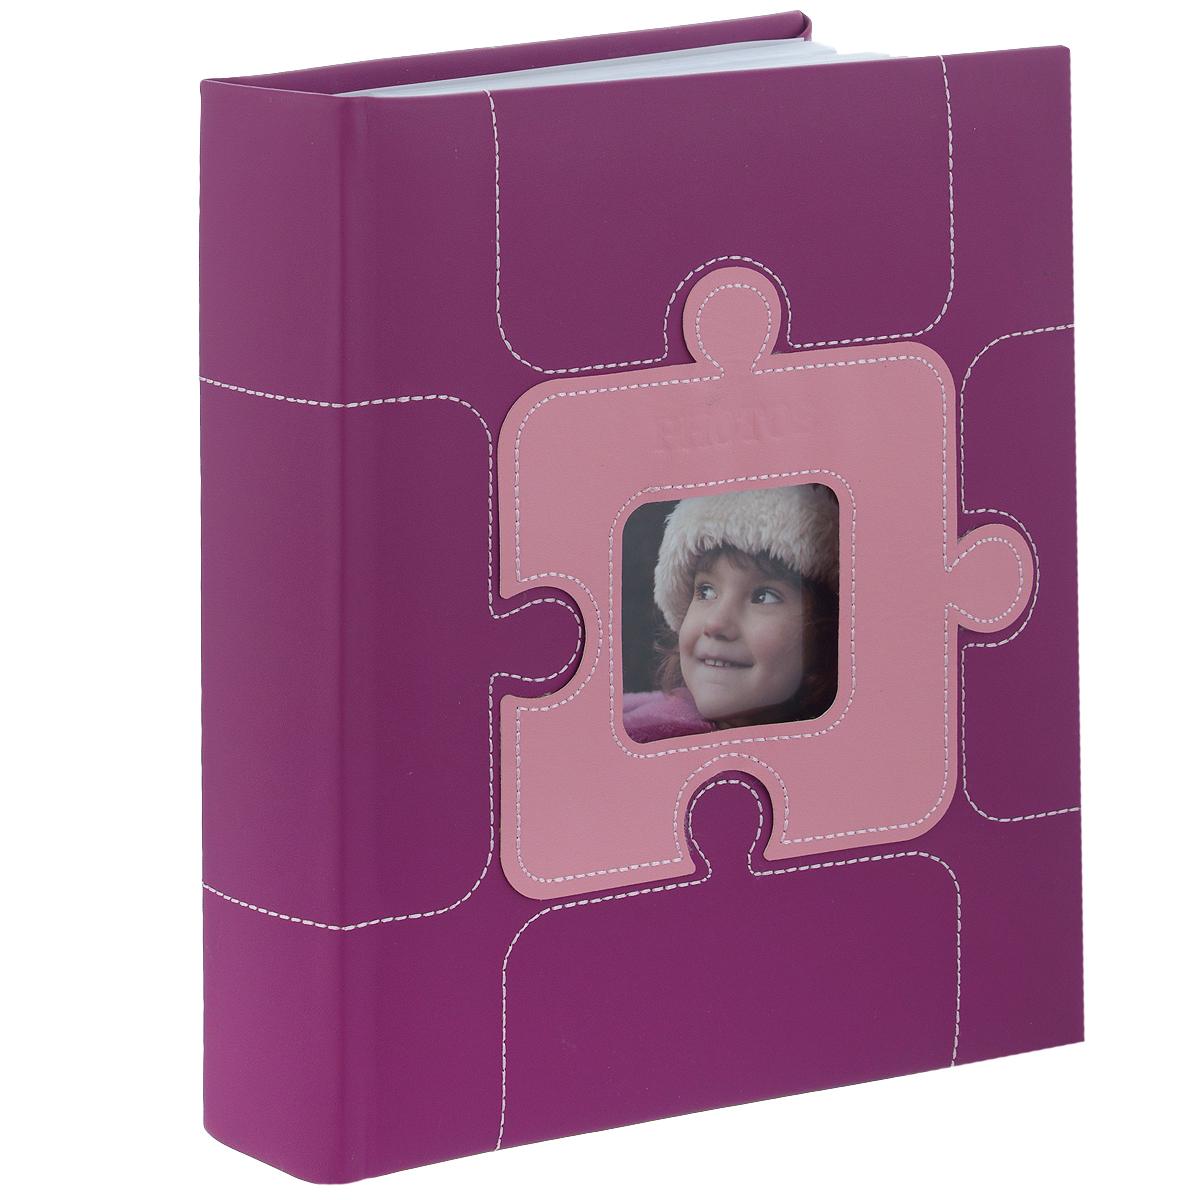 """Фотоальбом Image Art """"Photos"""" поможет красиво оформить ваши самые  интересные фотографии.  Обложка выполнена из толстого картона, обтянутого искусственной кожей. С  лицевой стороны обложки имеется  квадратное окошко для вашей самой любимой фотографии. Внутри содержится  блок из 50 двусторонних листов с фиксаторами-окошками из полипропилена. Альбом  рассчитан на 100 фотографий формата 10 см х 15 см. Для фотографий предусмотрено поле для записей.  Переплет - книжный.   Нам всегда так приятно вспоминать о самых счастливых моментах жизни,  запечатленных на фотографиях. Поэтому фотоальбом является универсальным  подарком к любому празднику.  Материал: картон, искусственная кожа, бумага, полипропилен.  Количество листов: 50. Размер фотографии: 10 см х 15 см."""